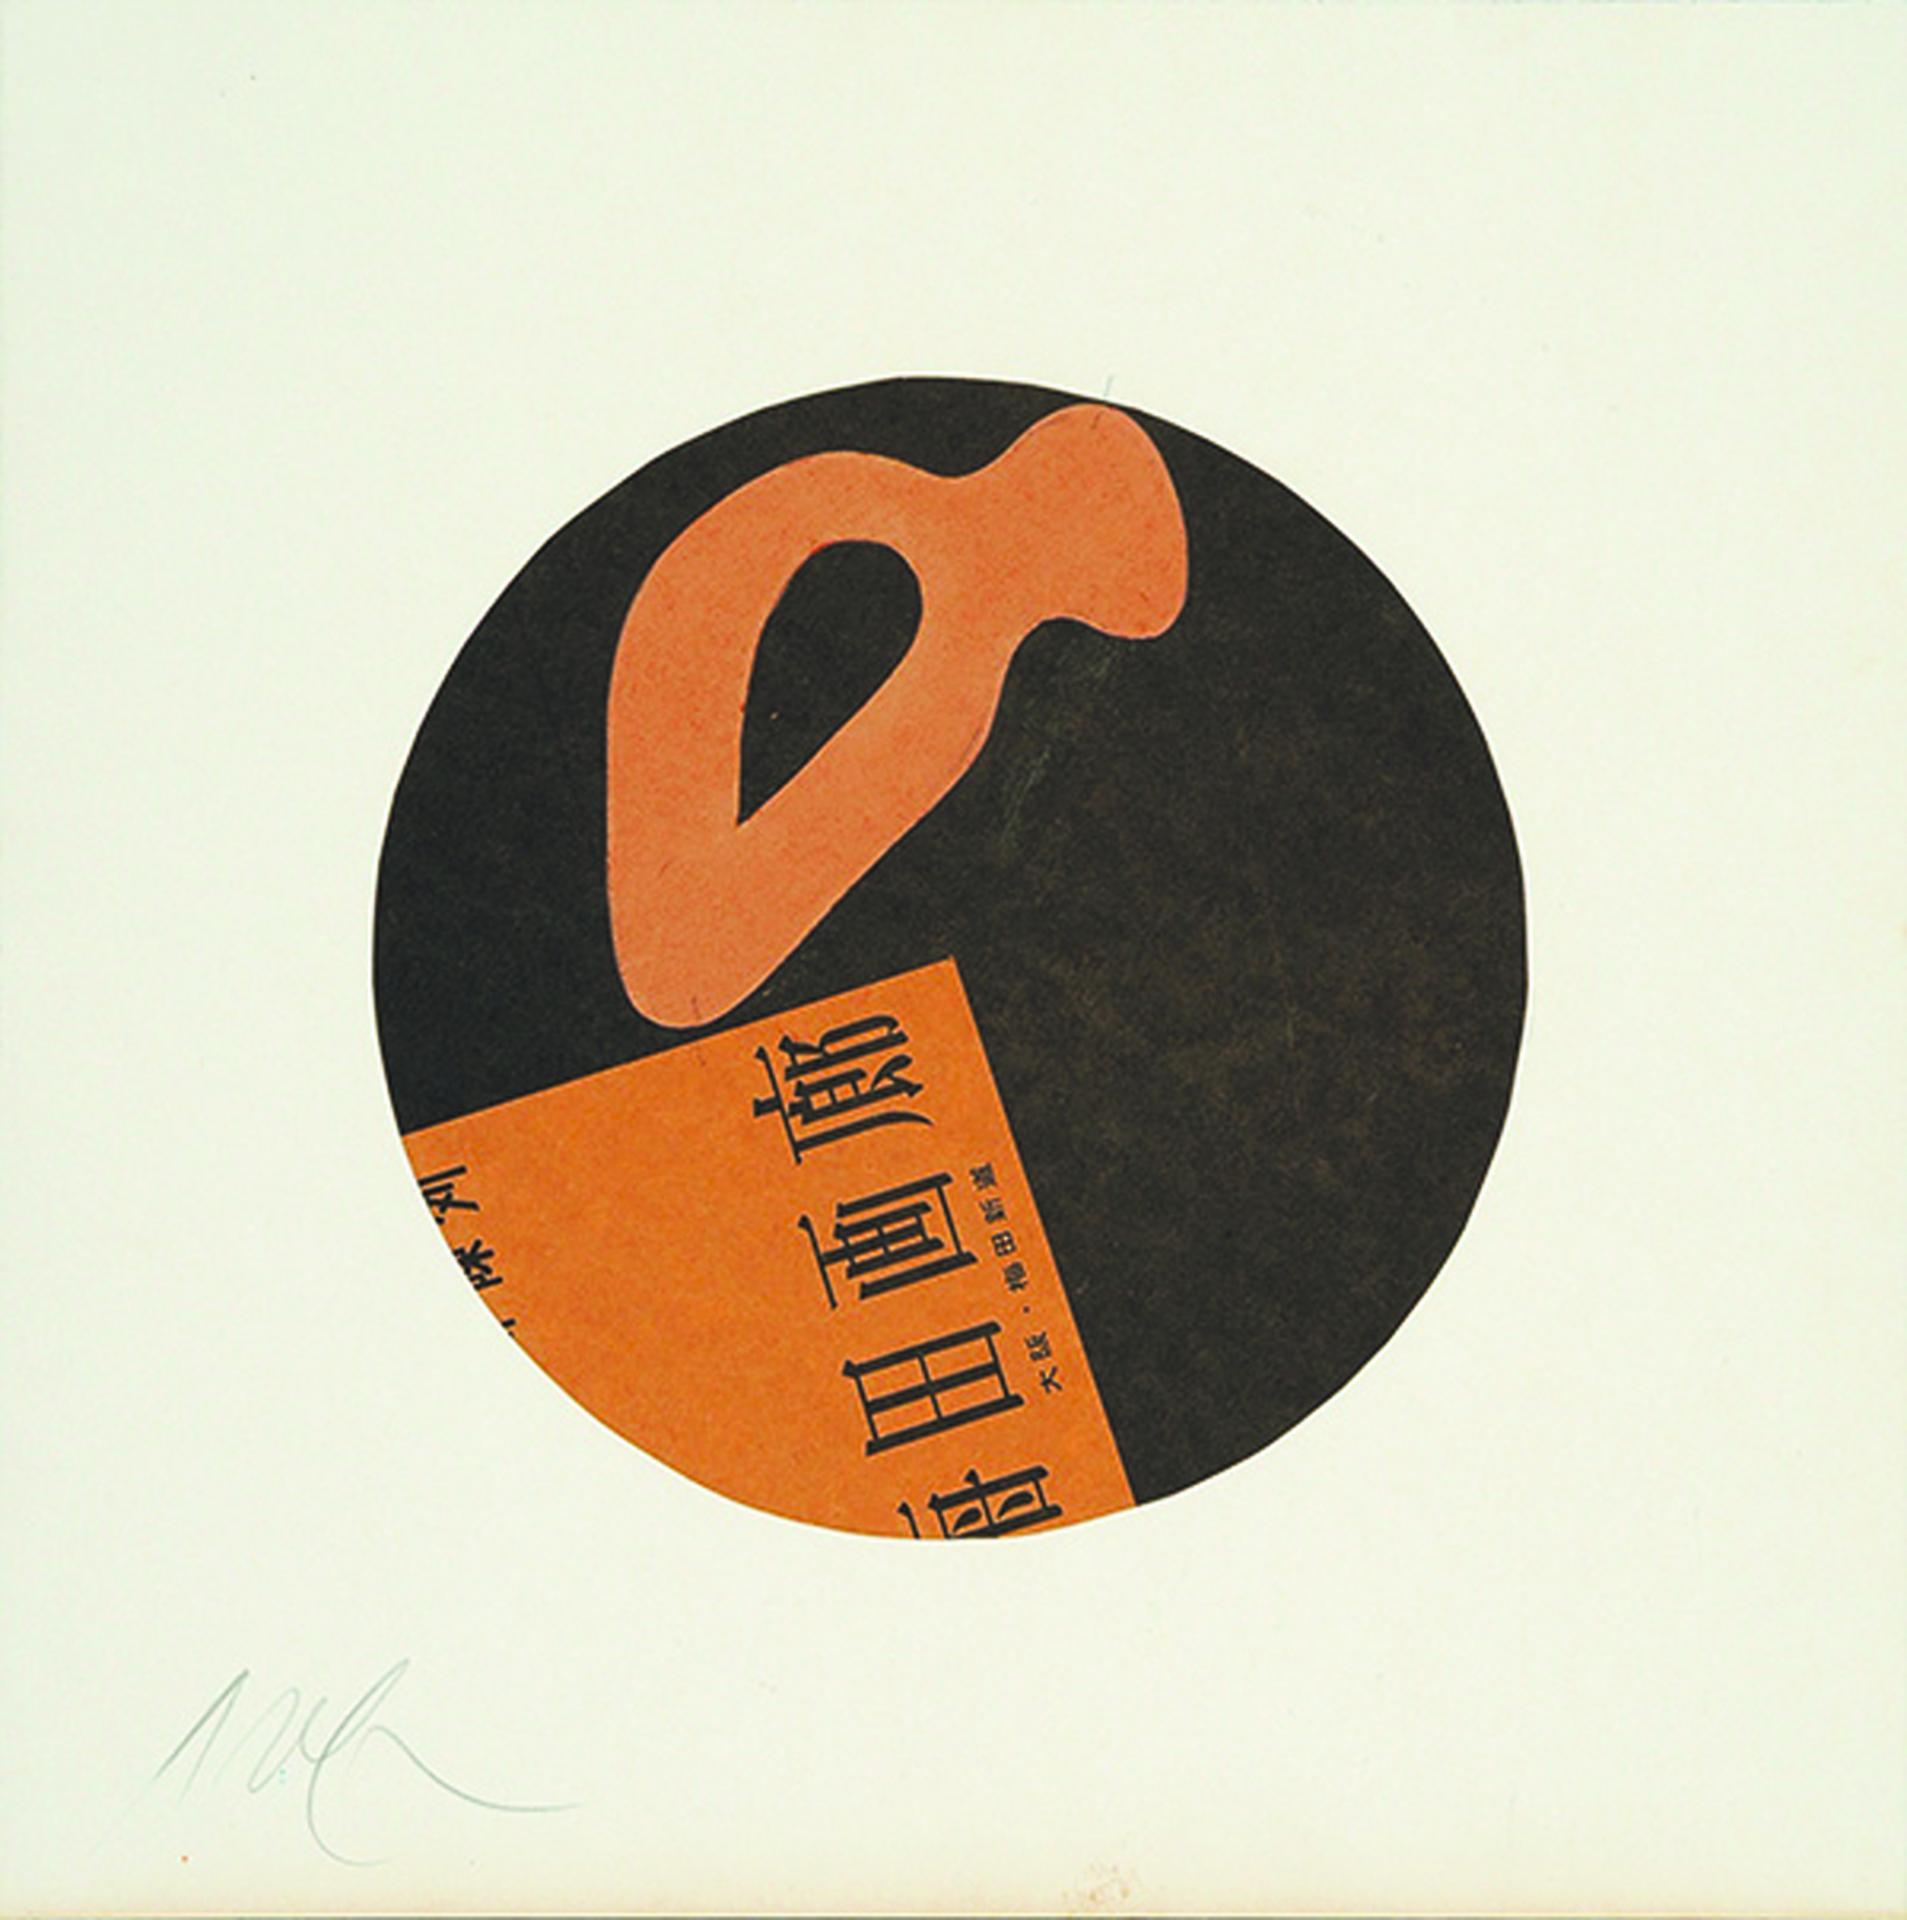 Arp, Collage dans un rond, 1963